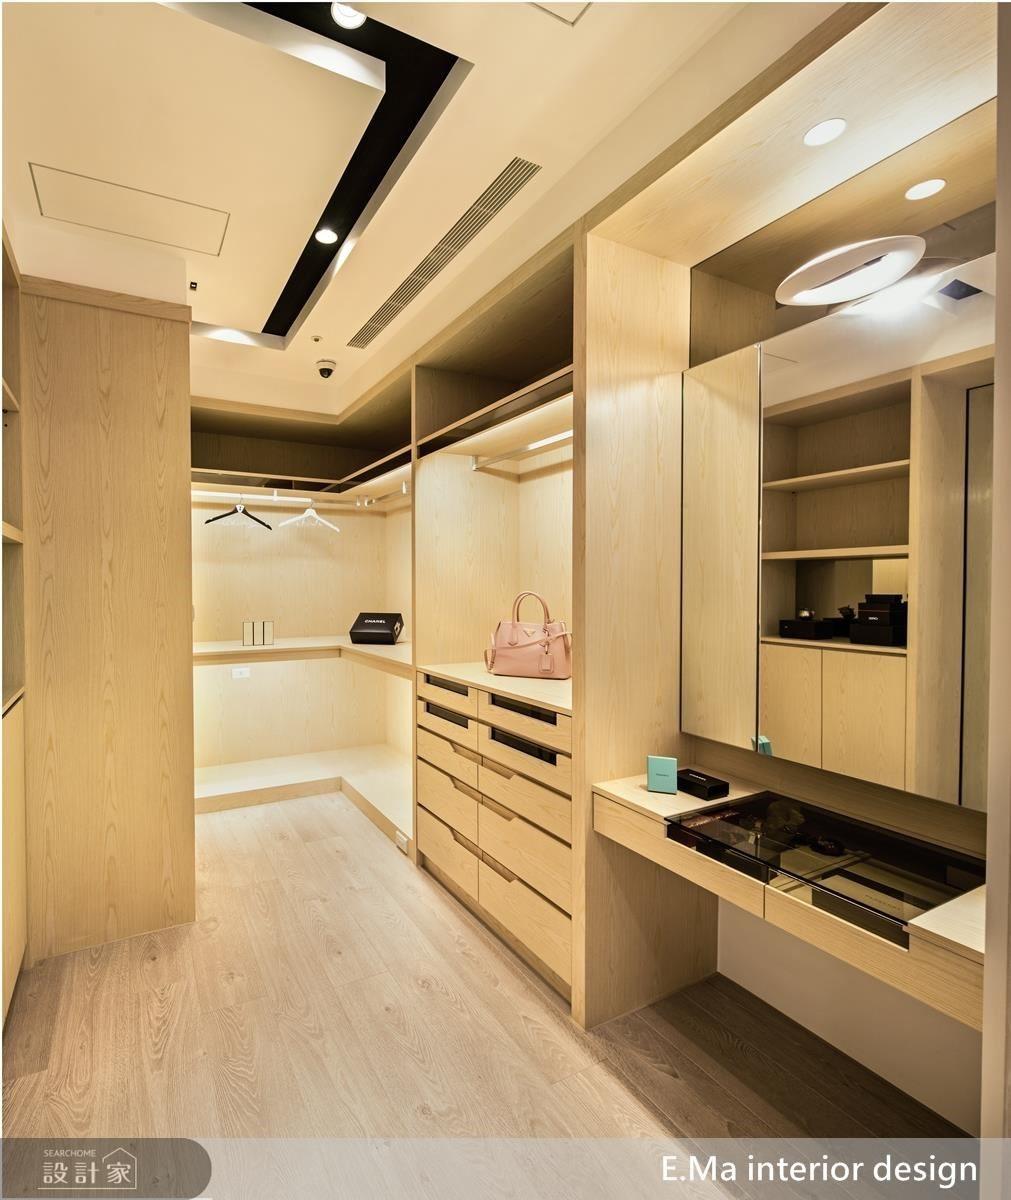 主臥室內依照屋主需求,增設兼具梳妝功能的更衣室,方便夫妻收納衣物、保養品、行李箱等物品。